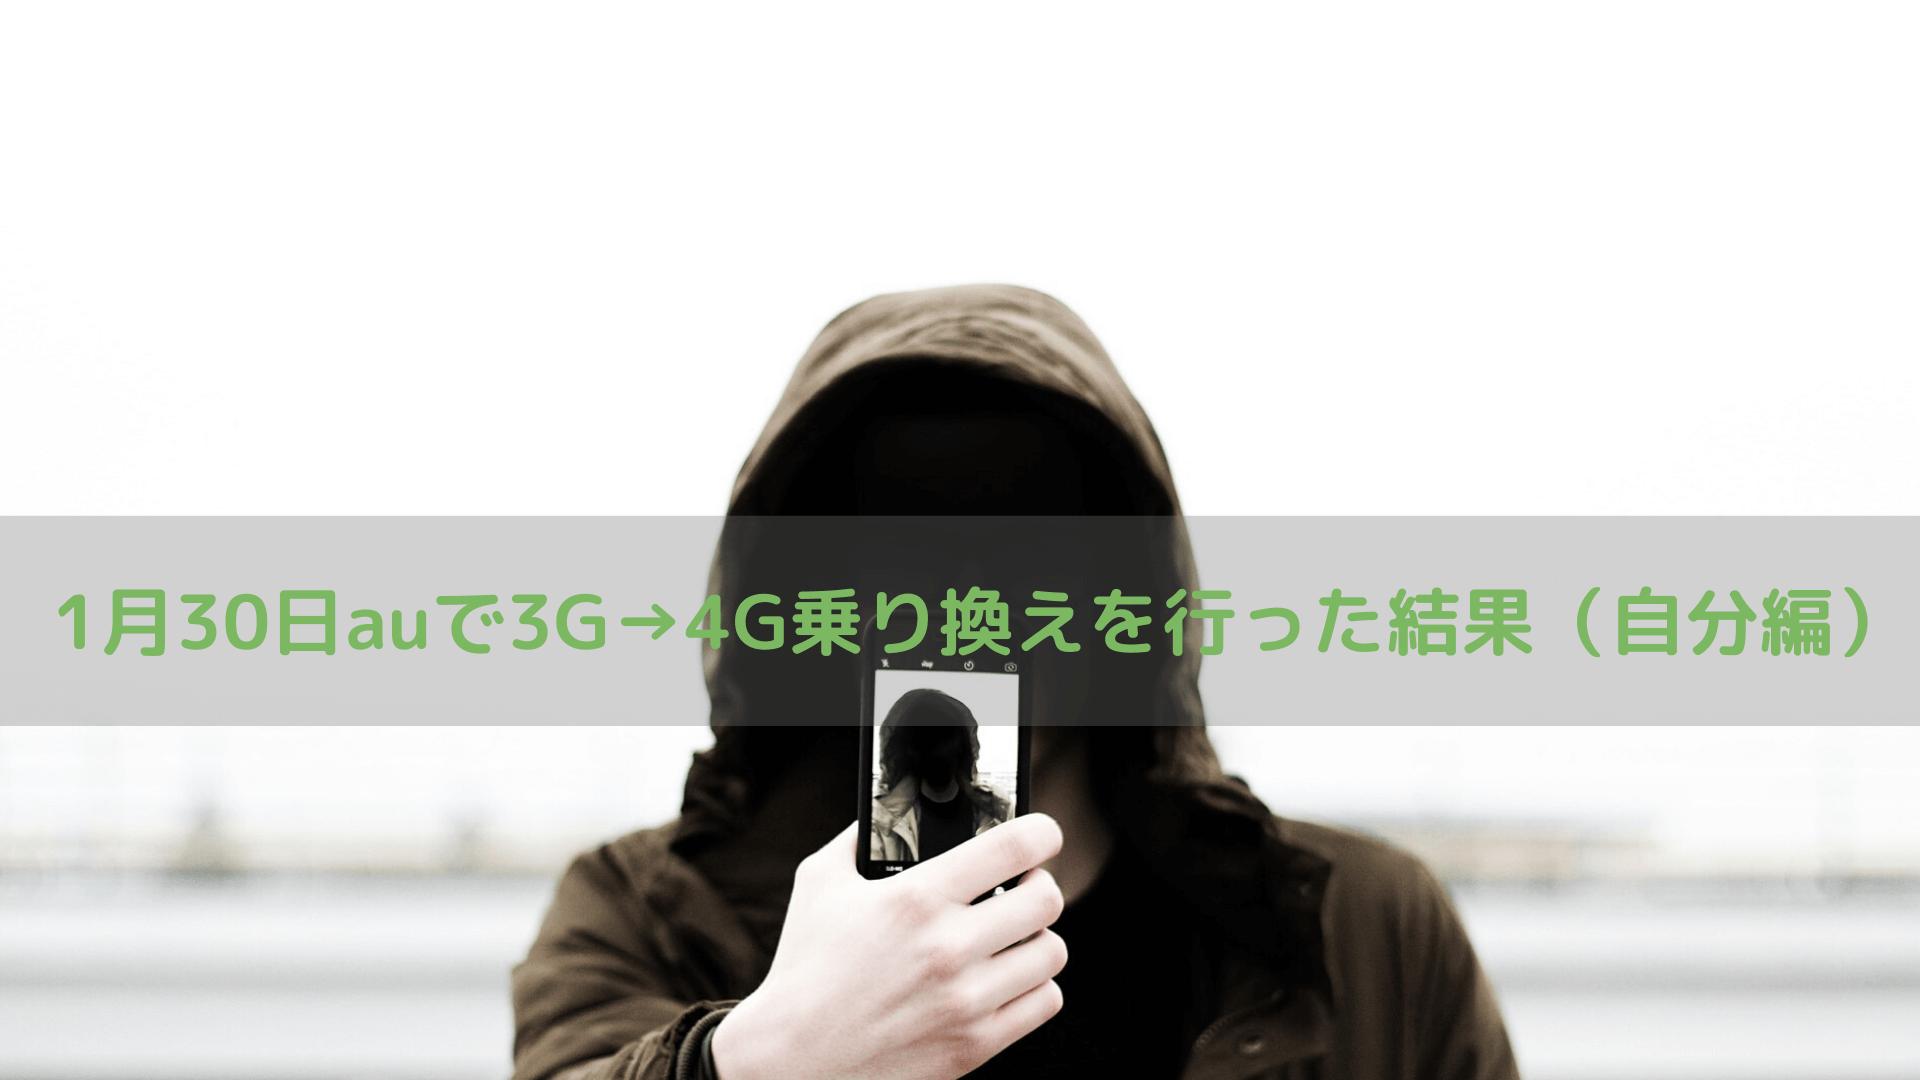 1月30日auで3G→4G乗り換えを行った結果(自分編)